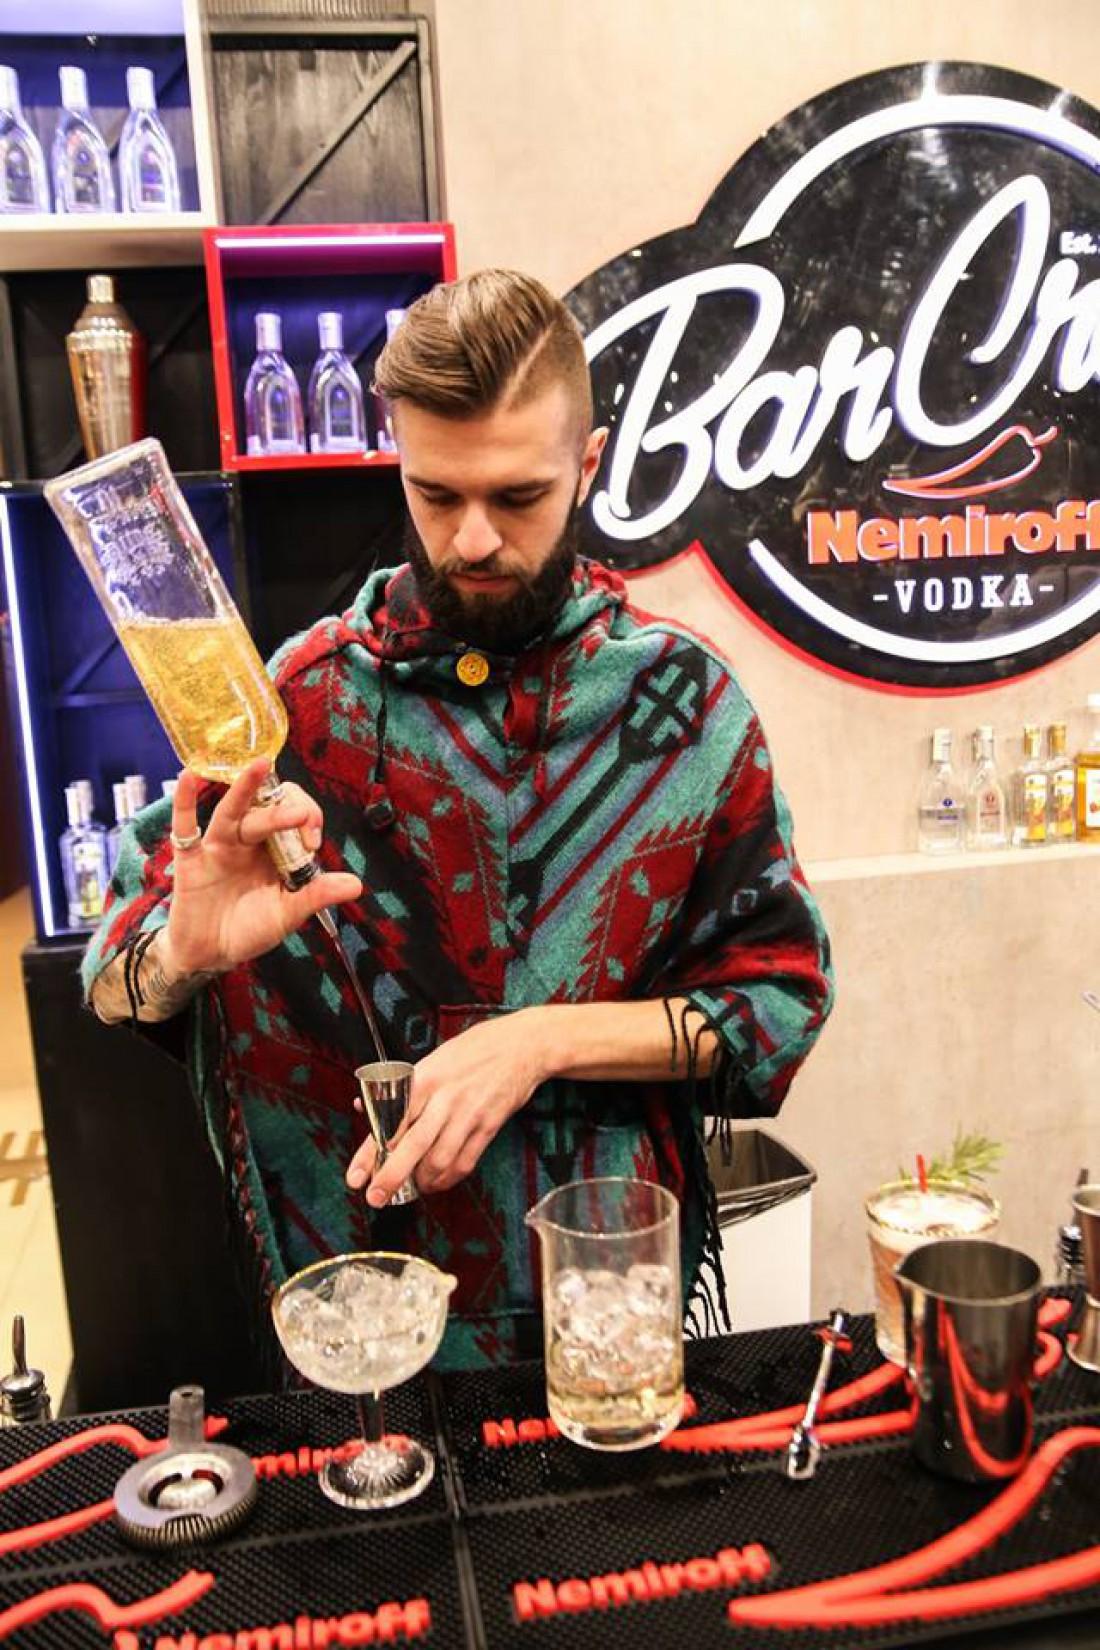 Вот так готовили коктейли на вечеринке BAROMETER International Bar Show